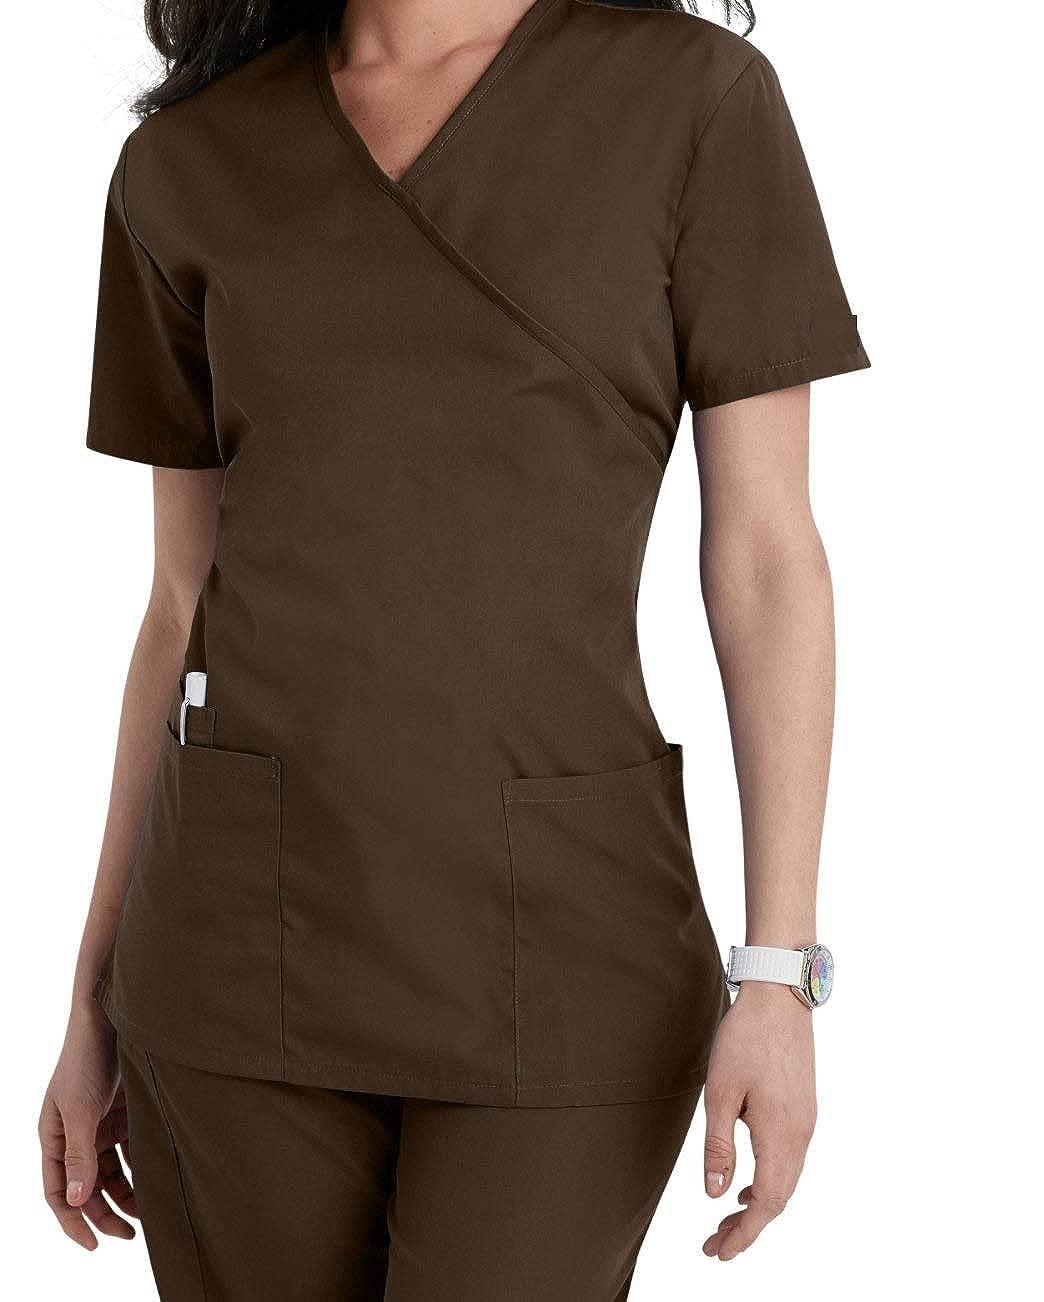 Damen Uniformen Schlupfkasack Gute Qualit/ät Mock Wrap Top 5 Farben